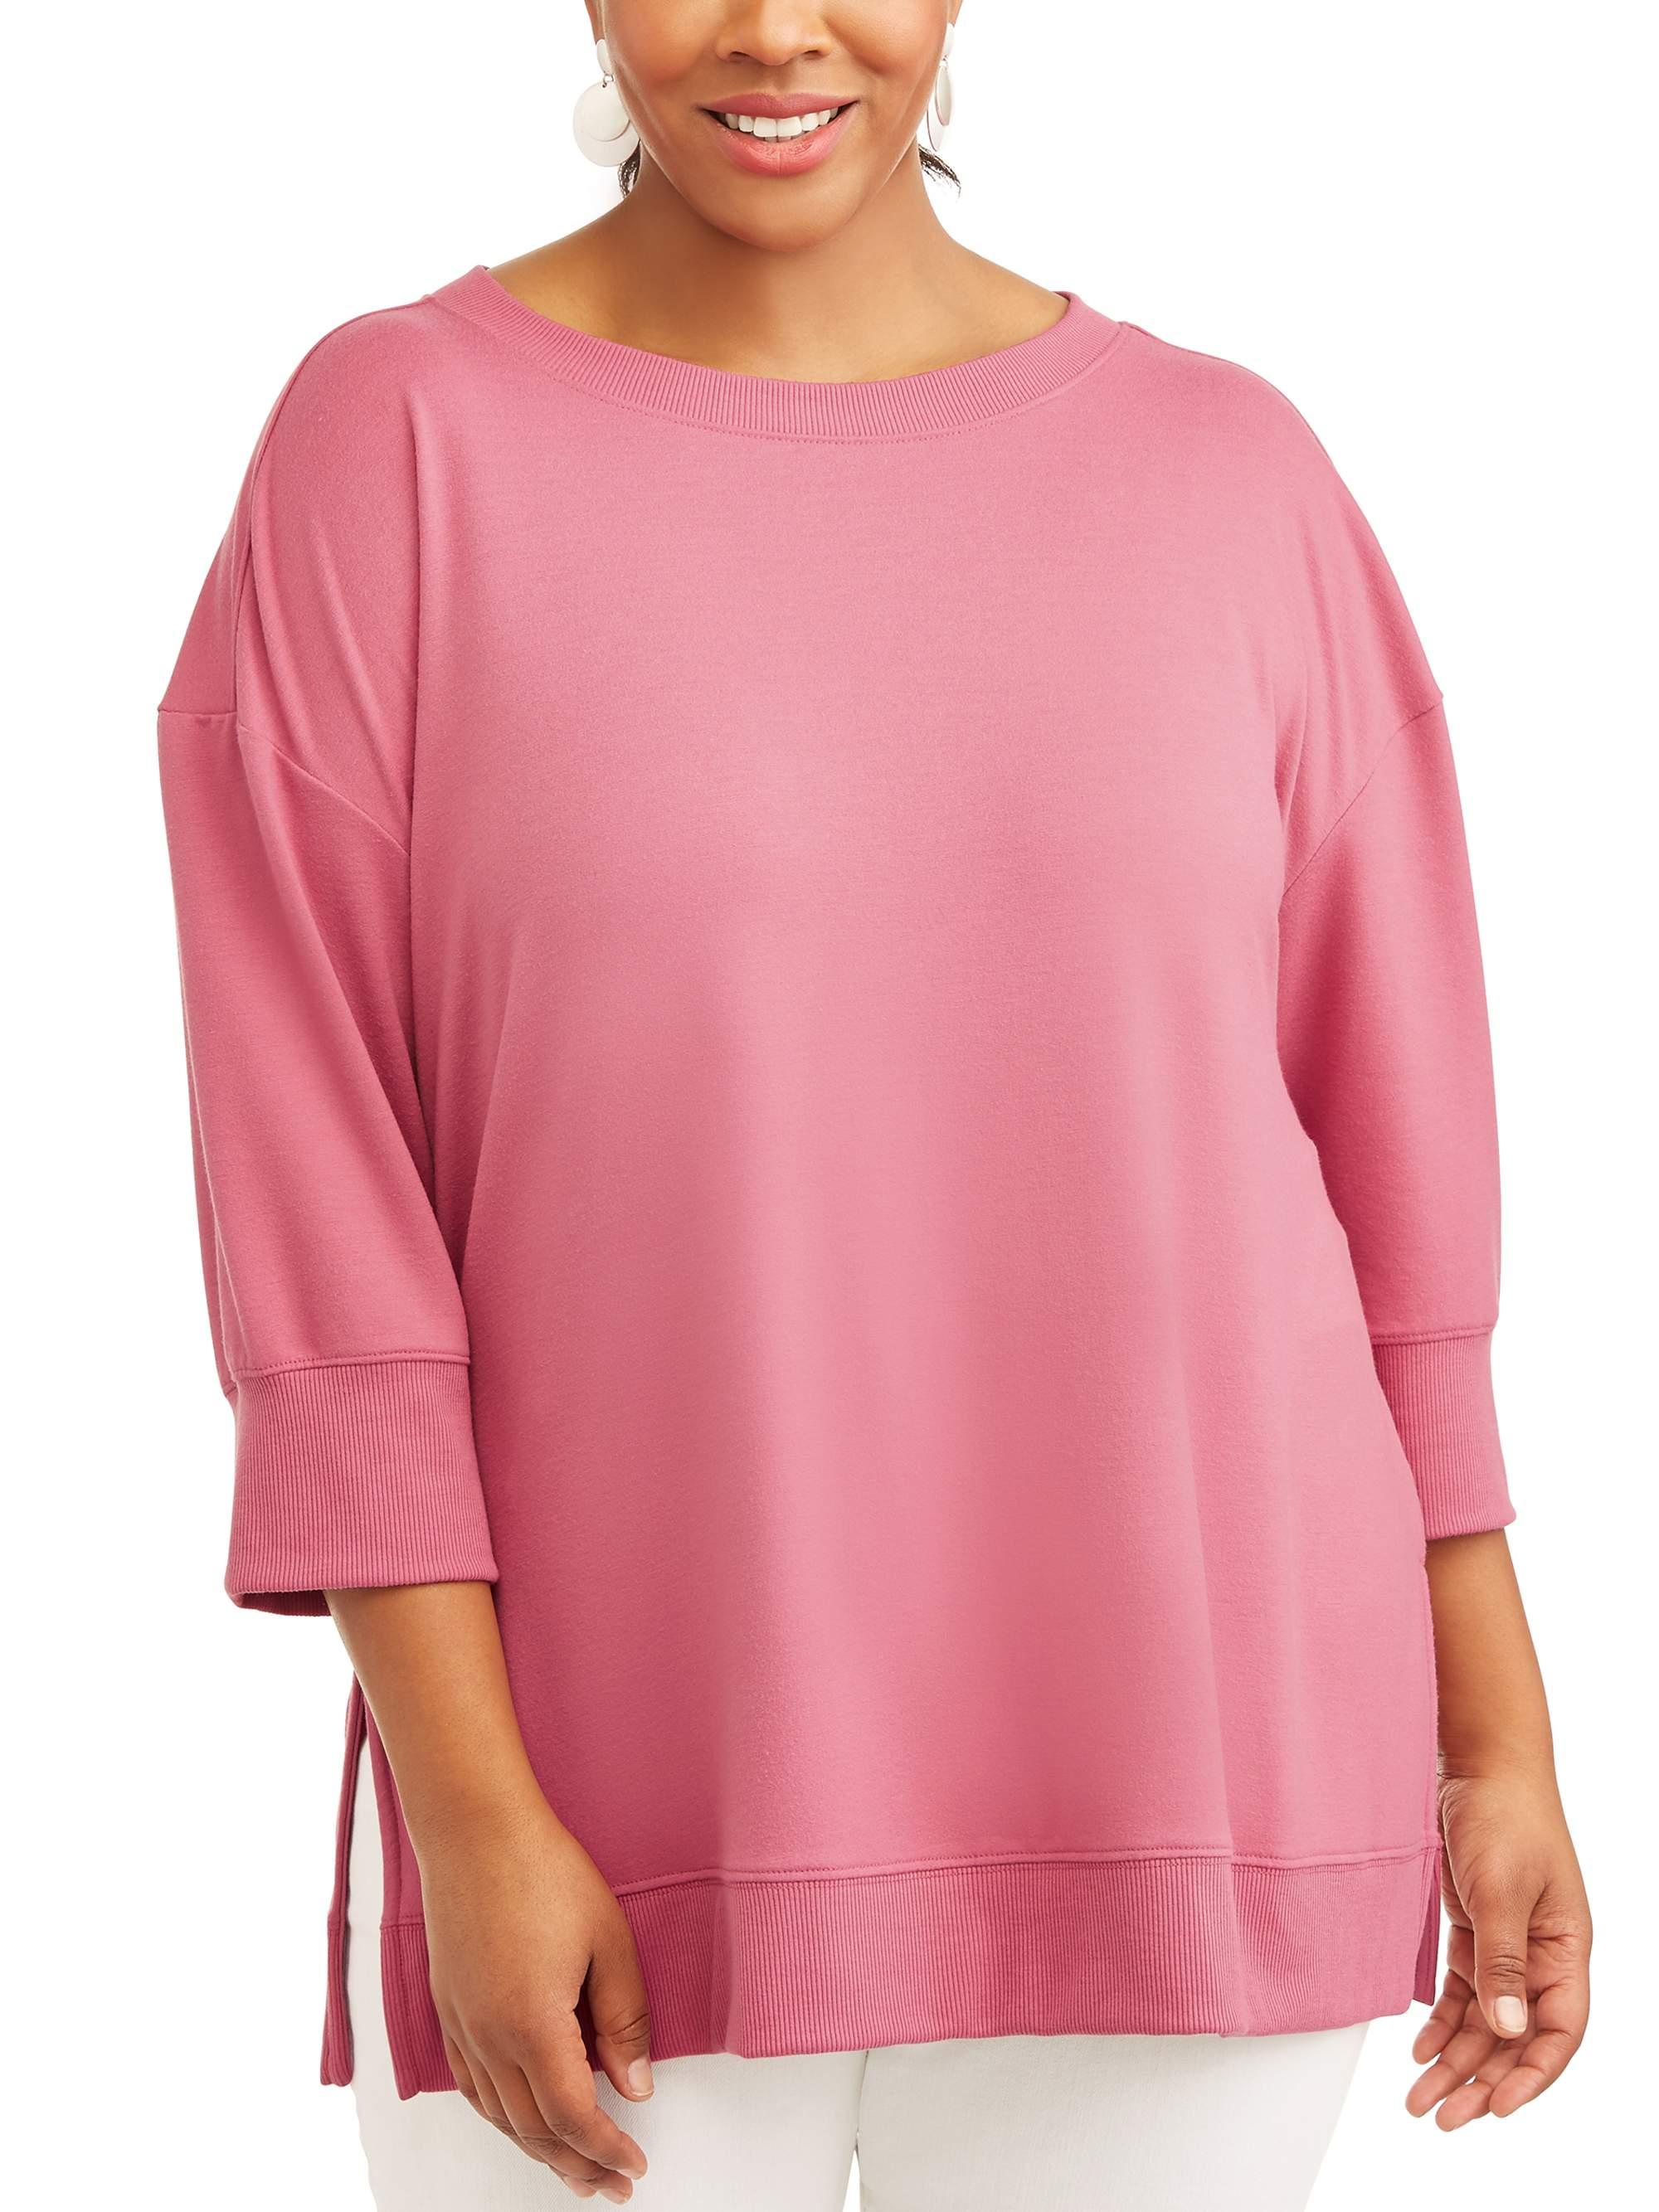 Women's Plus Scoop Neck Sweatshirt